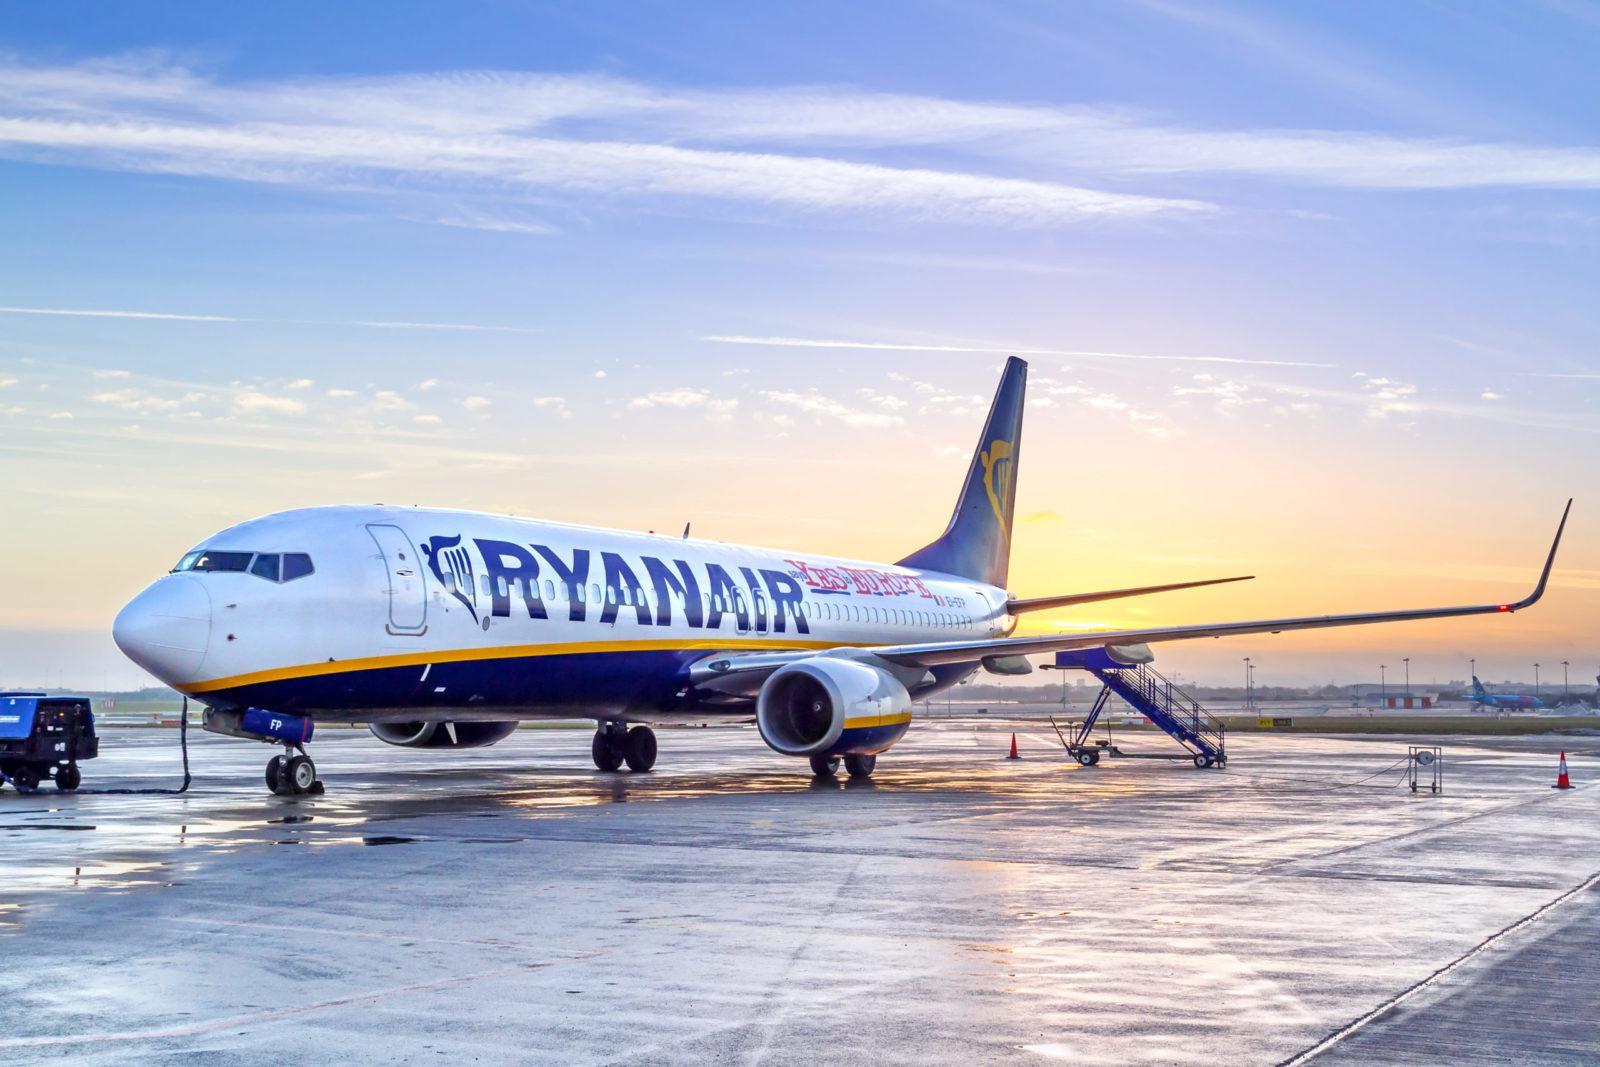 ryanair scaled - ავიაკომპანია რაინეარი – Ryanair